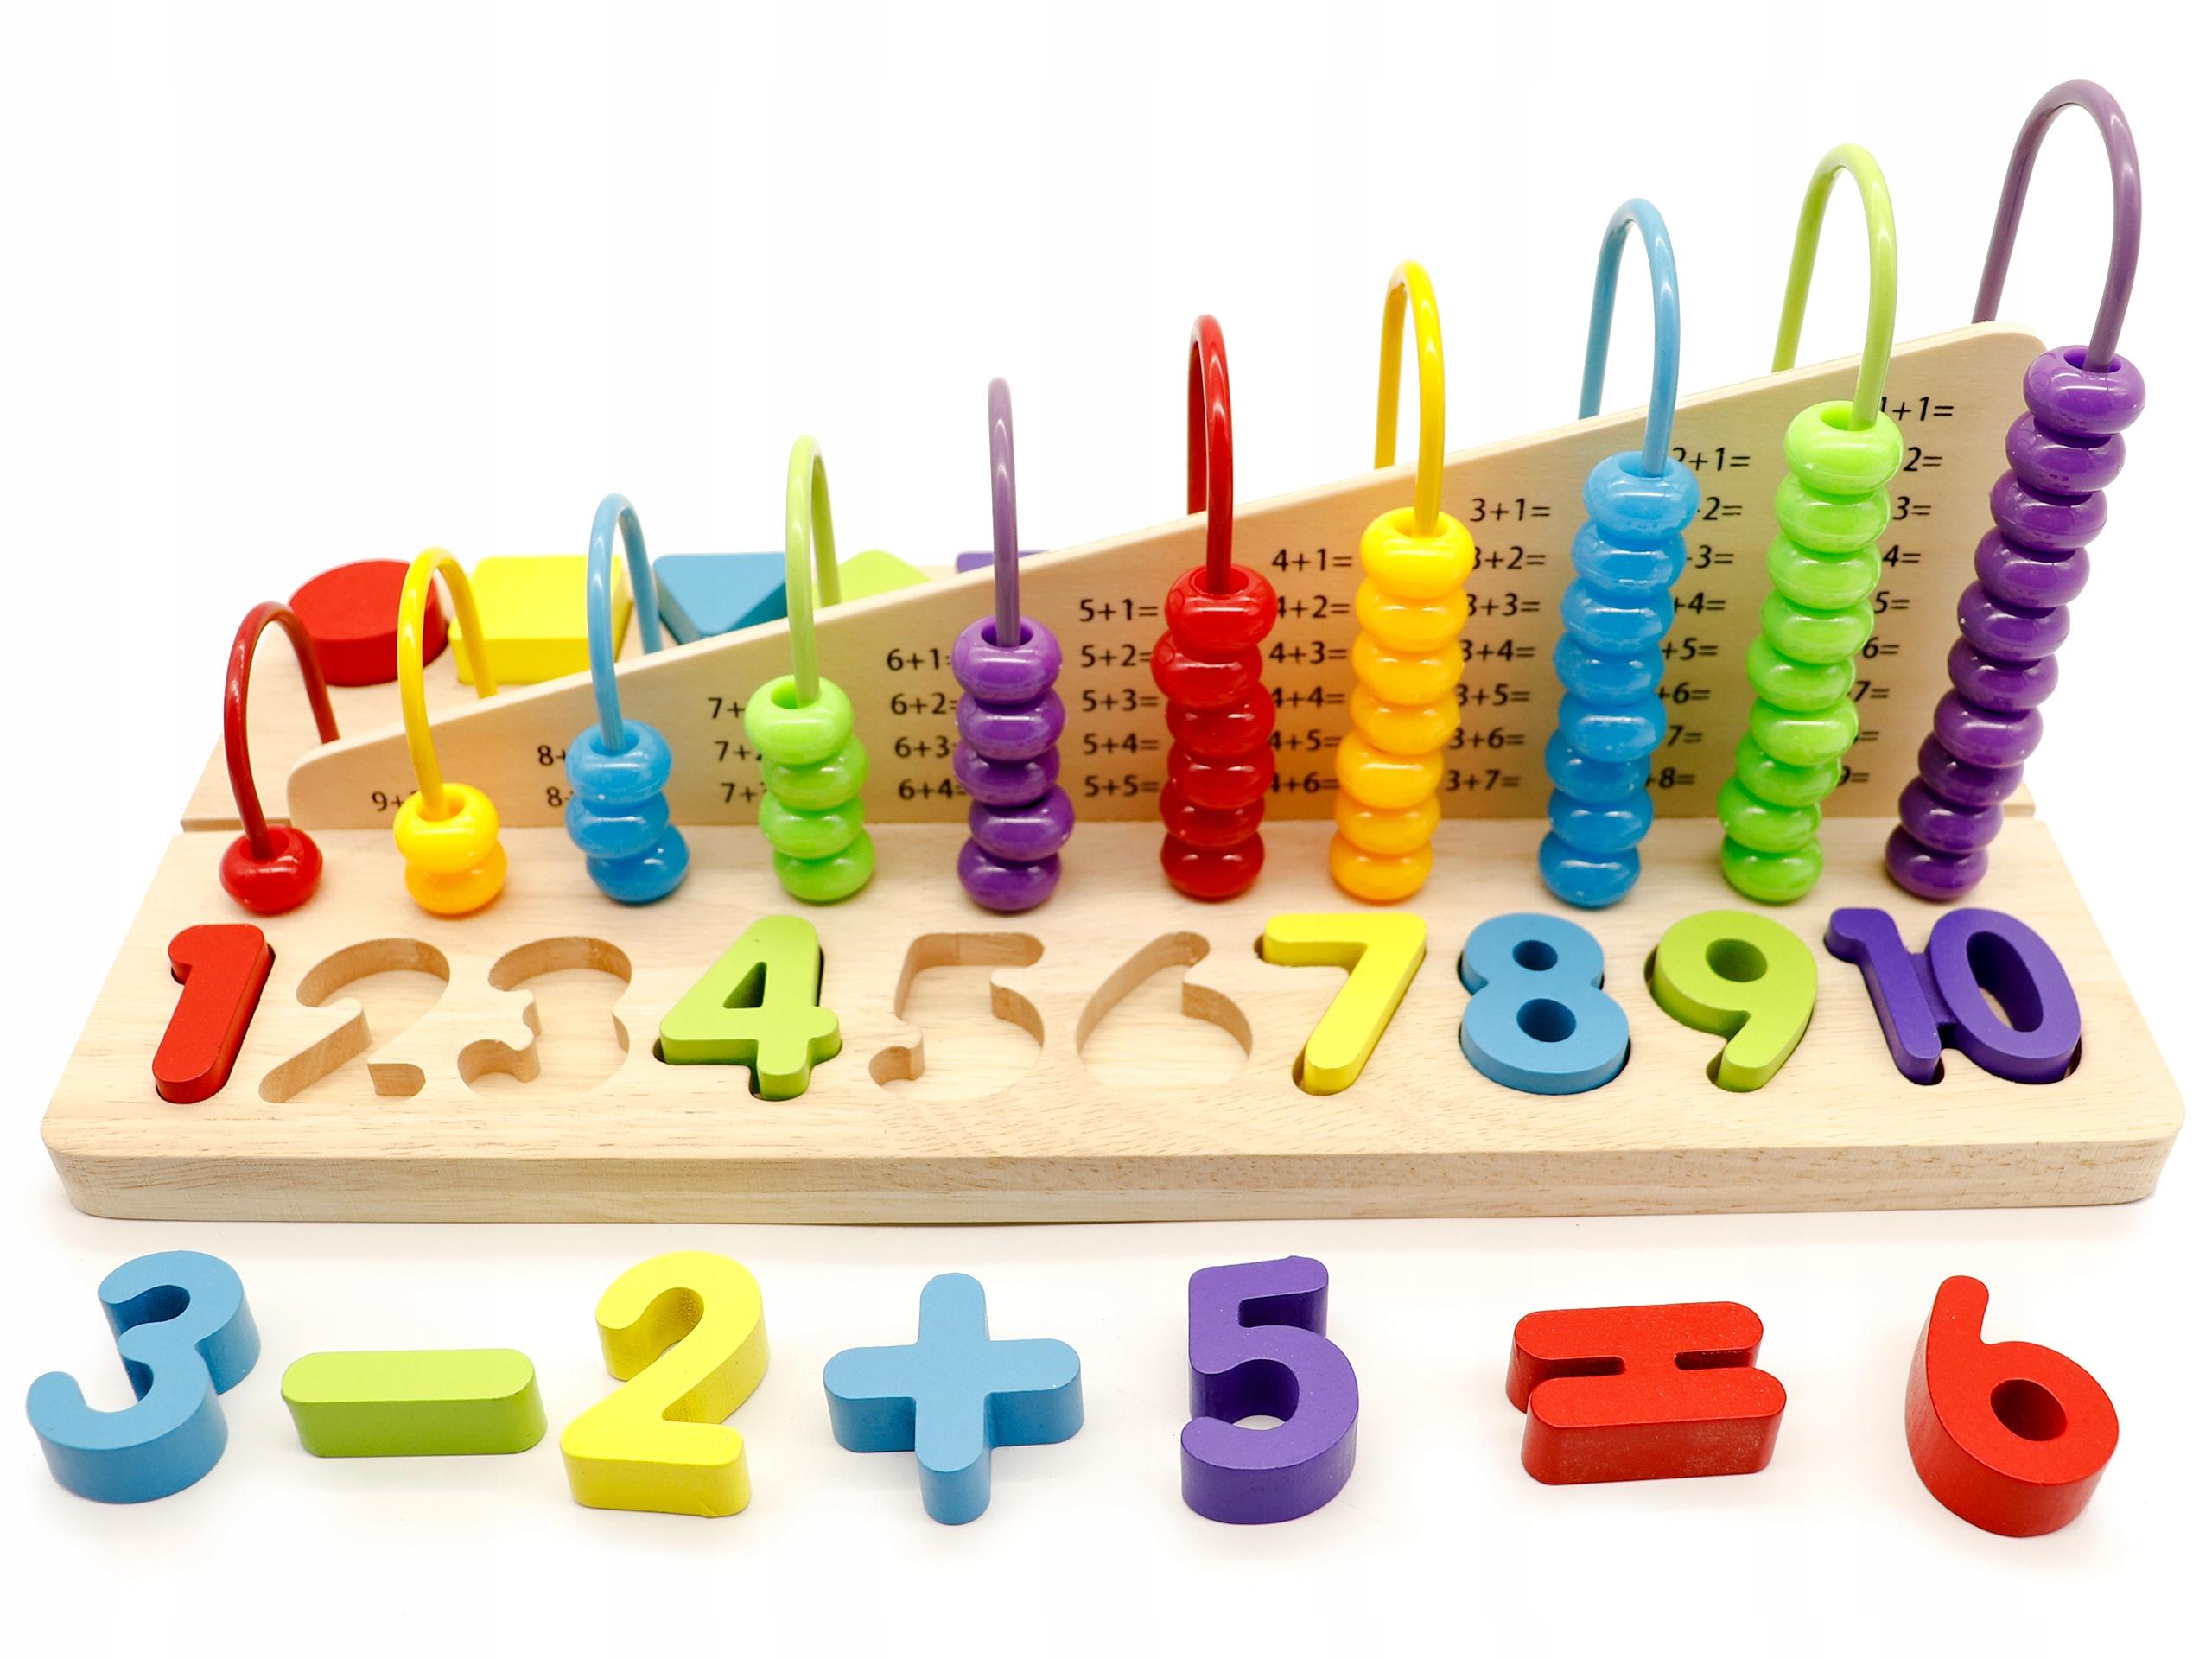 Zabawka Edukacyjna Liczydlo Klocki Cyfry Ecotoys 8698526722 Allegro Pl